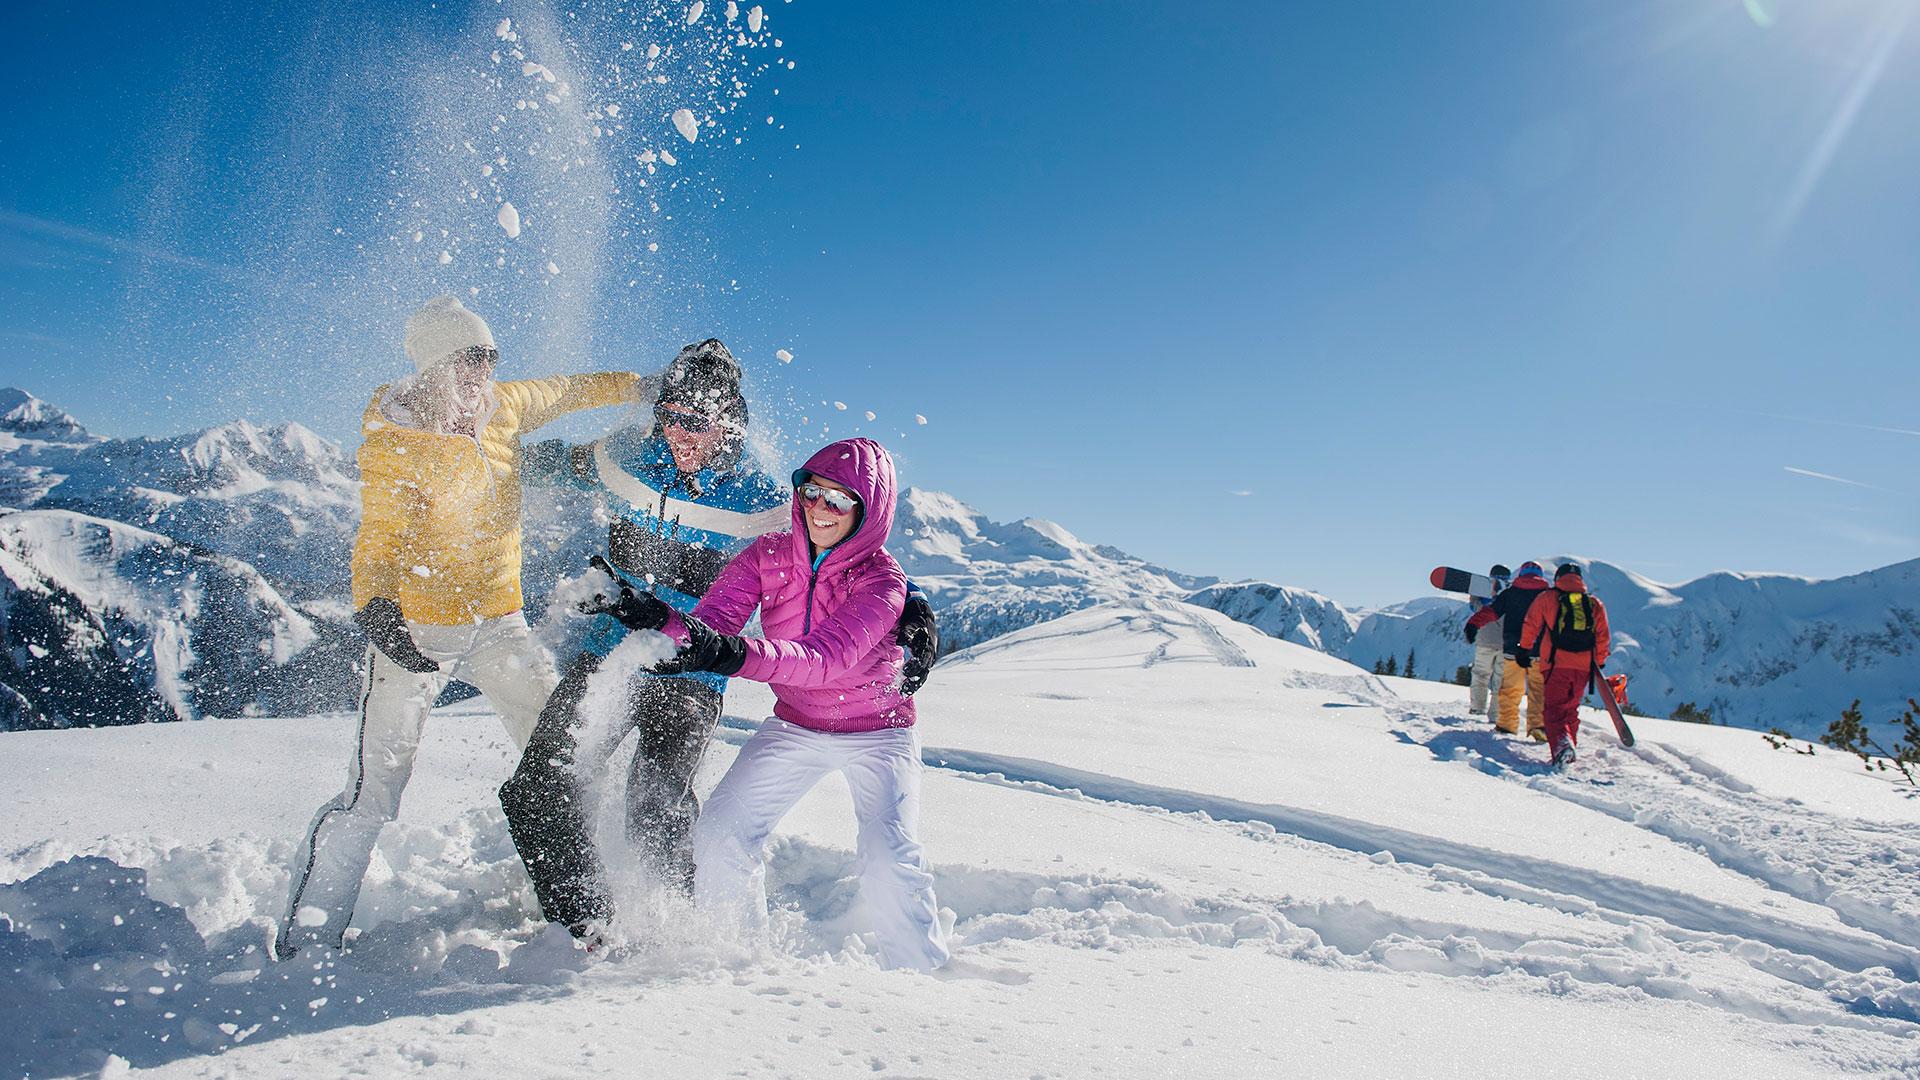 Votre séjour 7 jours = 8 jours à la montagne, au ski - CGH Résidences